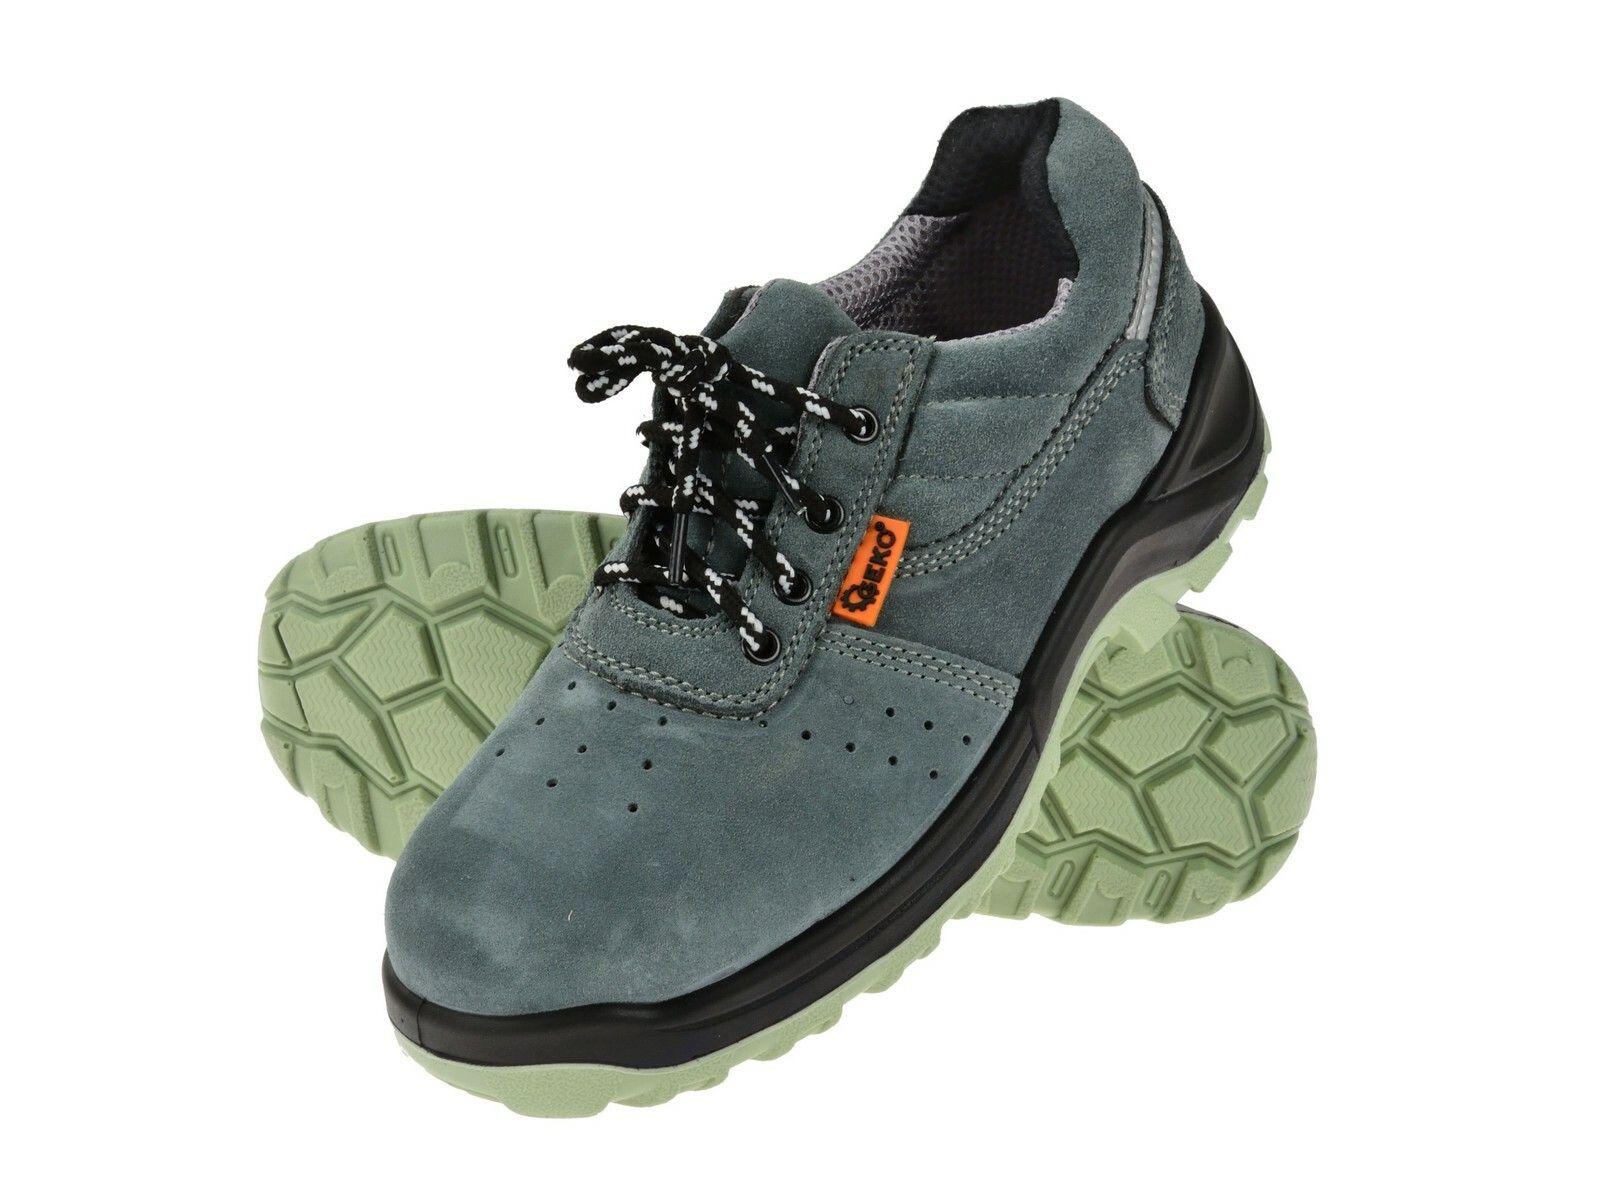 Ochranná pracovní obuv model č. 4 velikost 45 GEKO